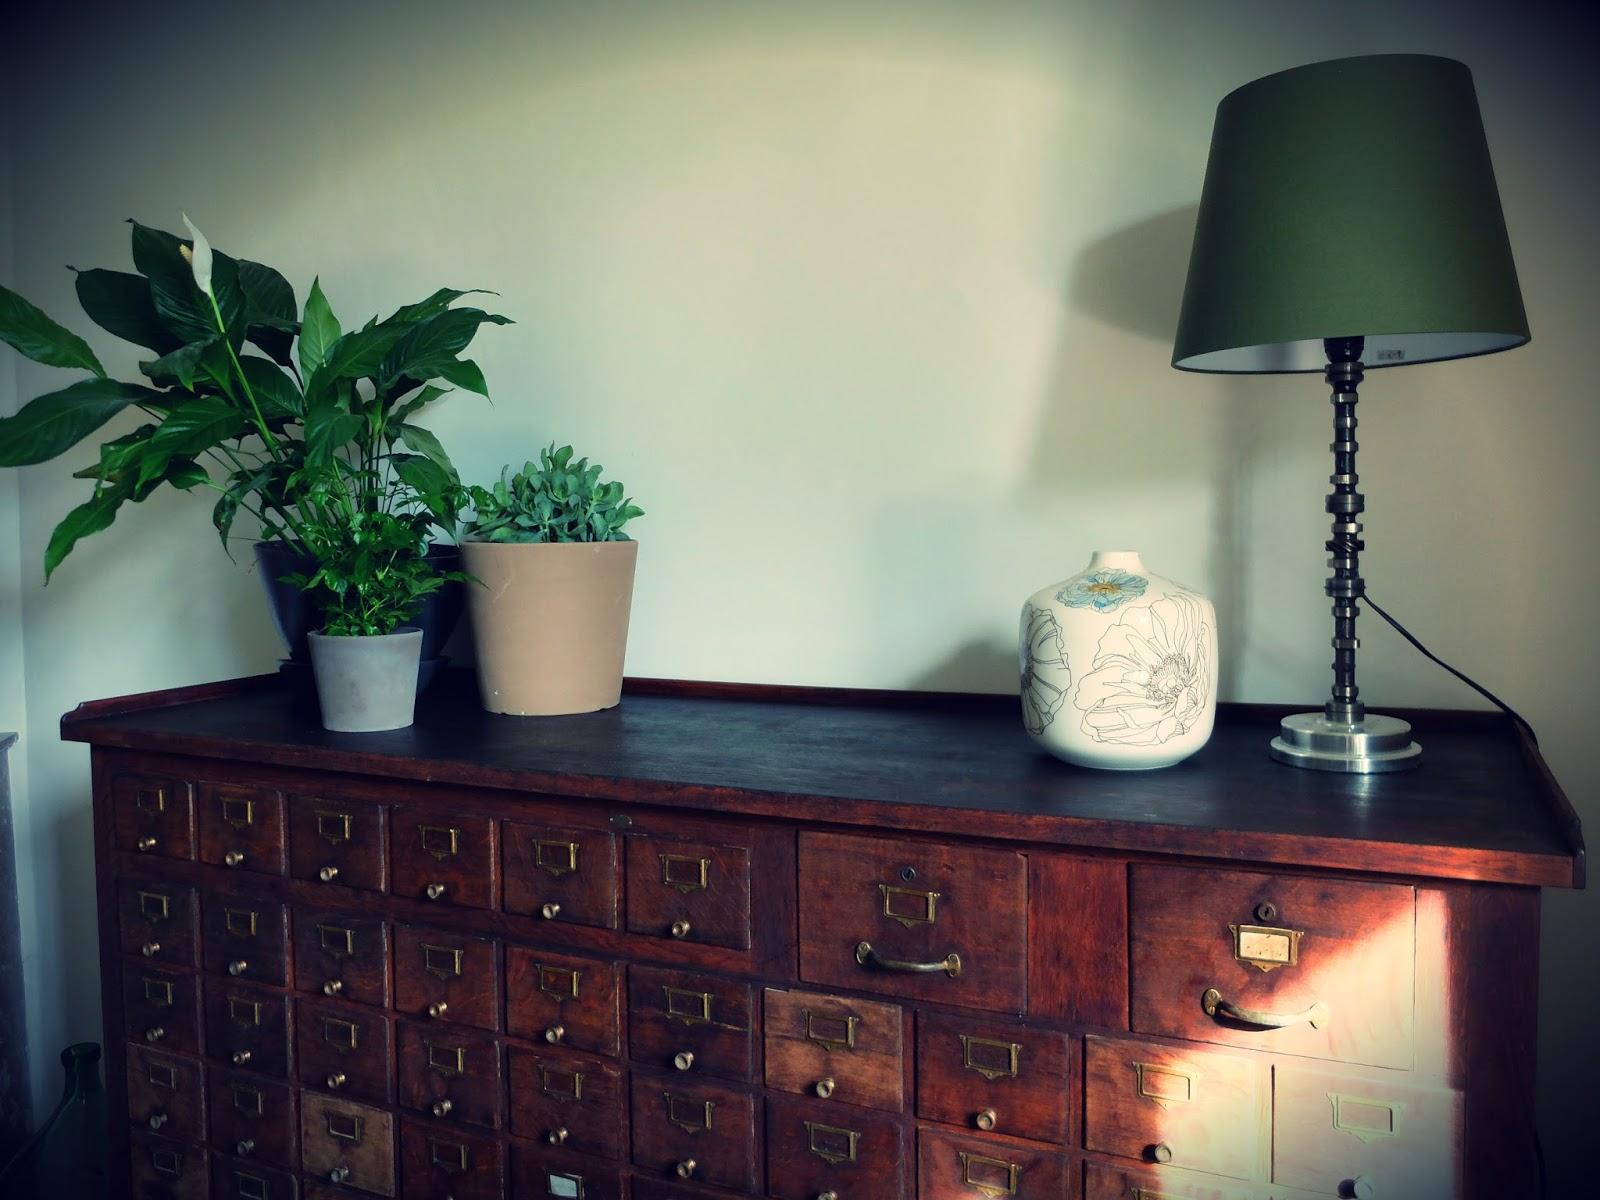 restaurer un meuble ancien madame d core. Black Bedroom Furniture Sets. Home Design Ideas